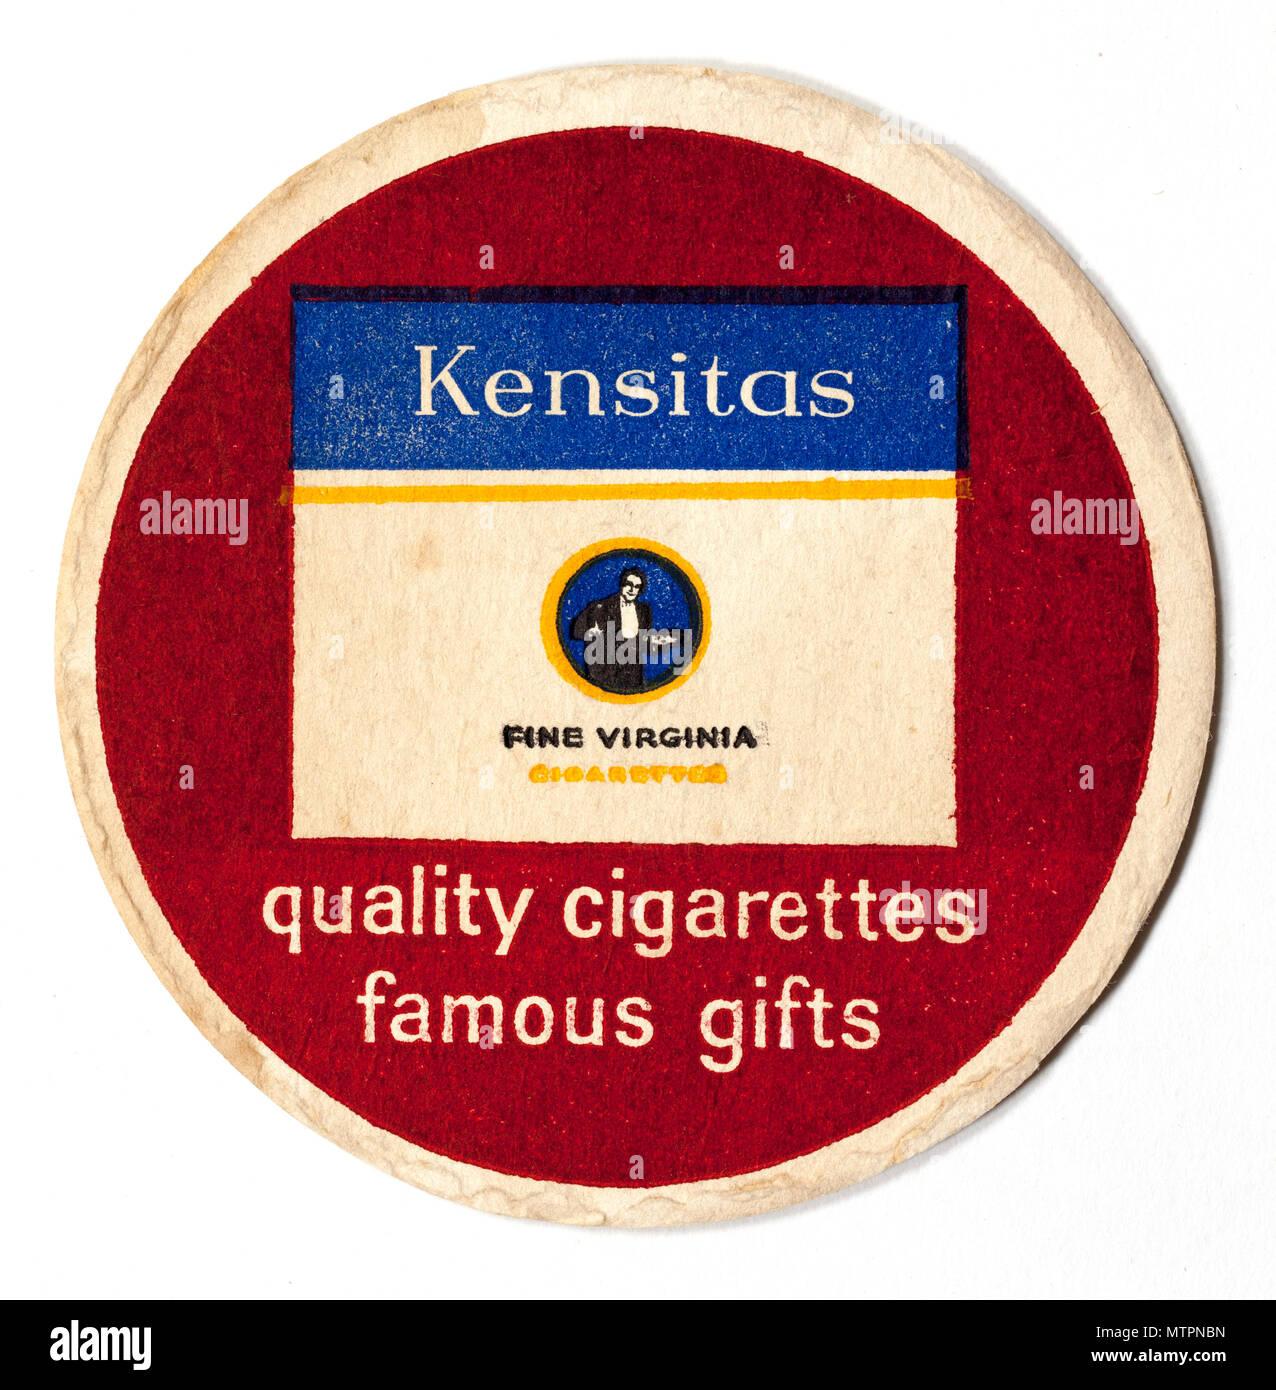 Vintage British Beer Mat Advertising Kensitas Cigarettes - Stock Image